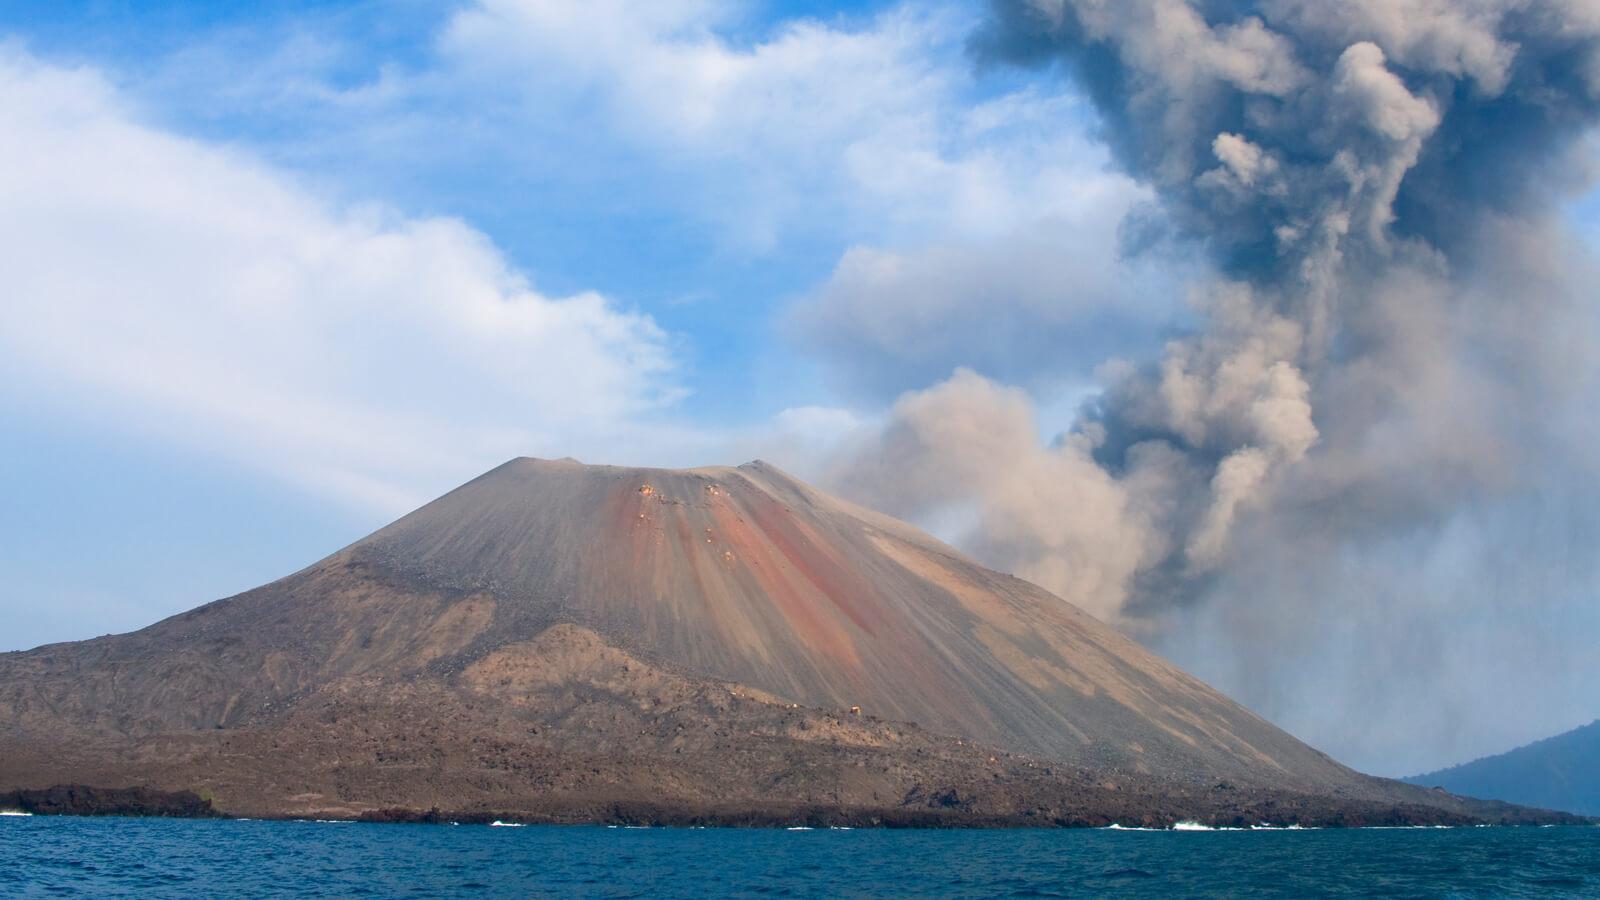 ostrov krakatya